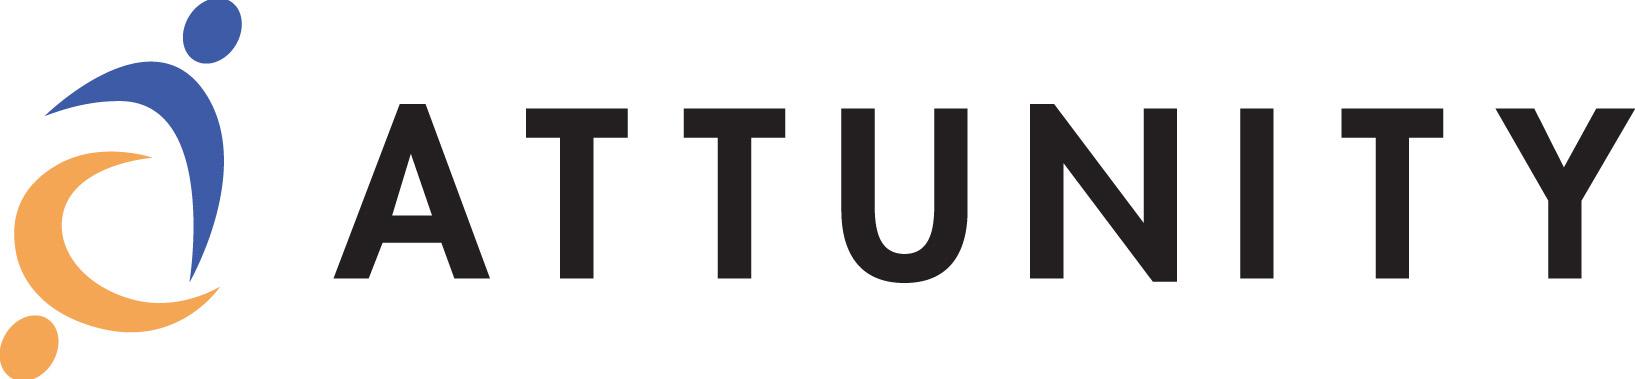 attunity-logo.jpg